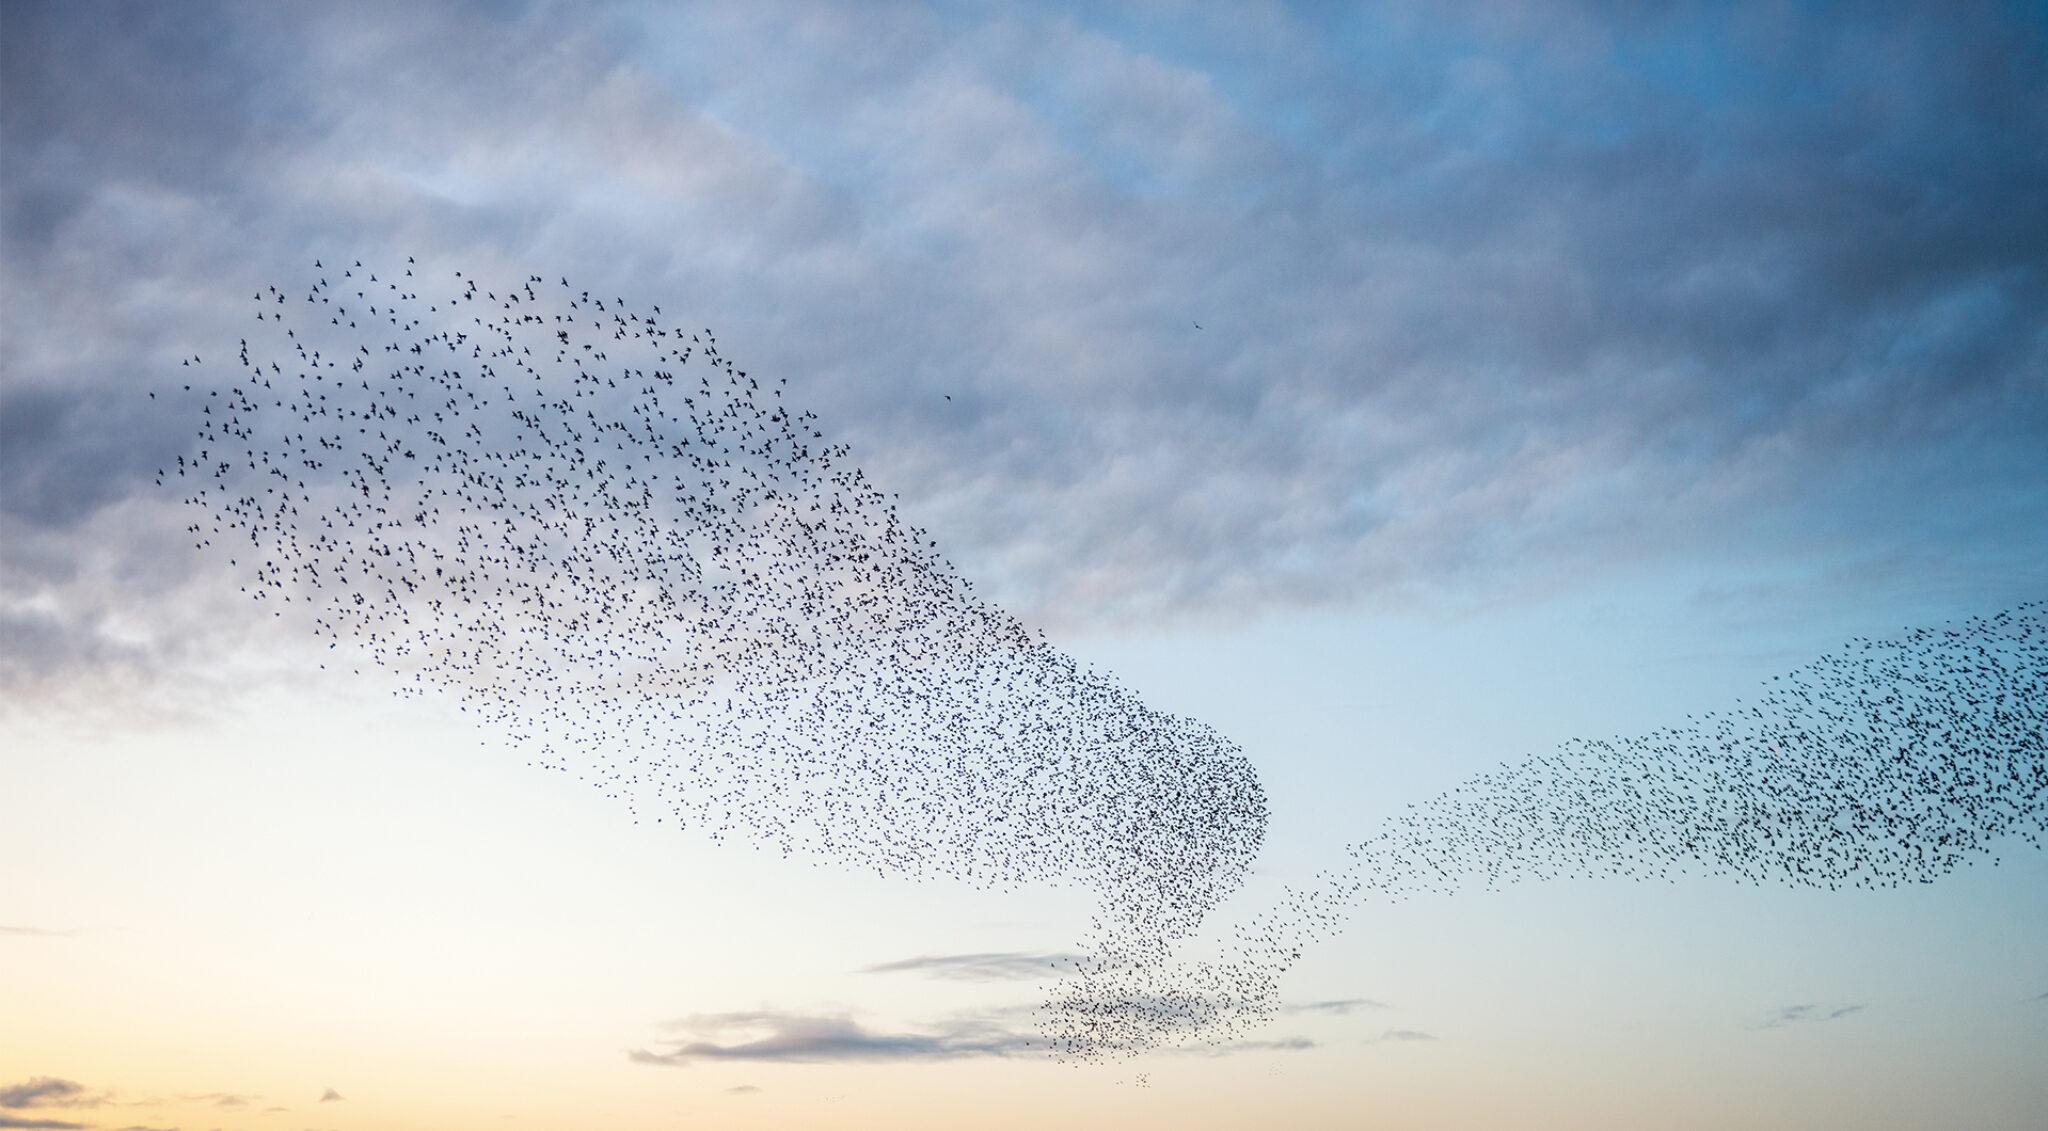 Vogelschwärme bilden schöne Muster am Himmel.